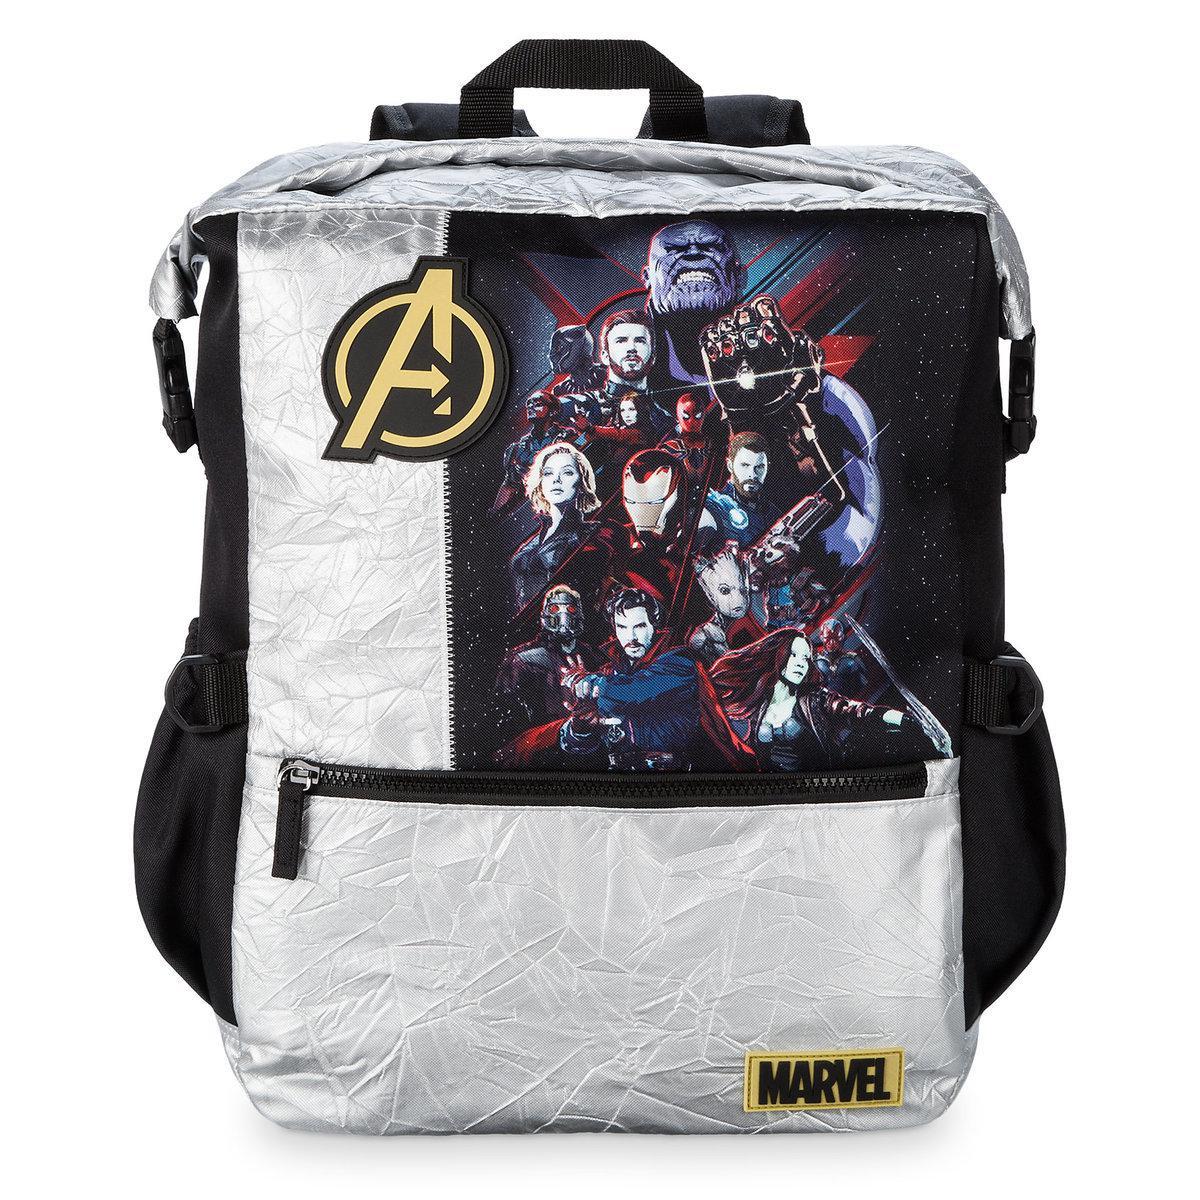 7a0be882a3ad Школьный рюкзак для мальчика Марвел/Marvel Disney оригинал серебристо-черного  цвета - happik в